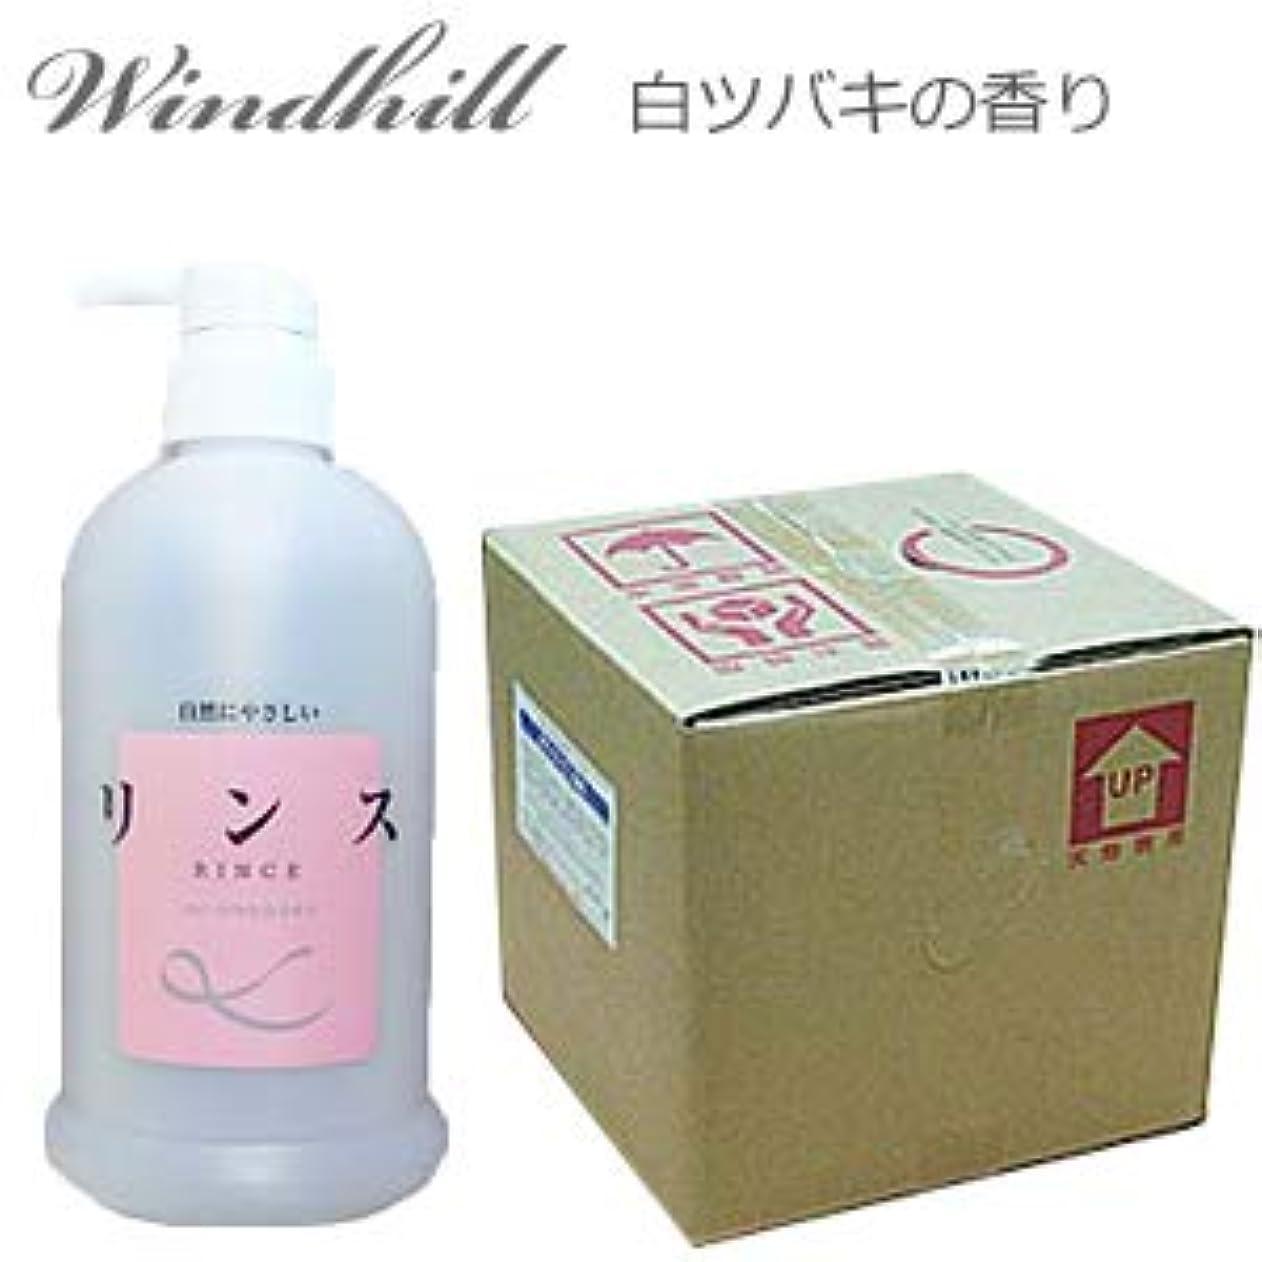 階層浮くラフなんと! 500ml当り175円 Windhill 植物性 業務用 リンス 白ツバキの香り 20L